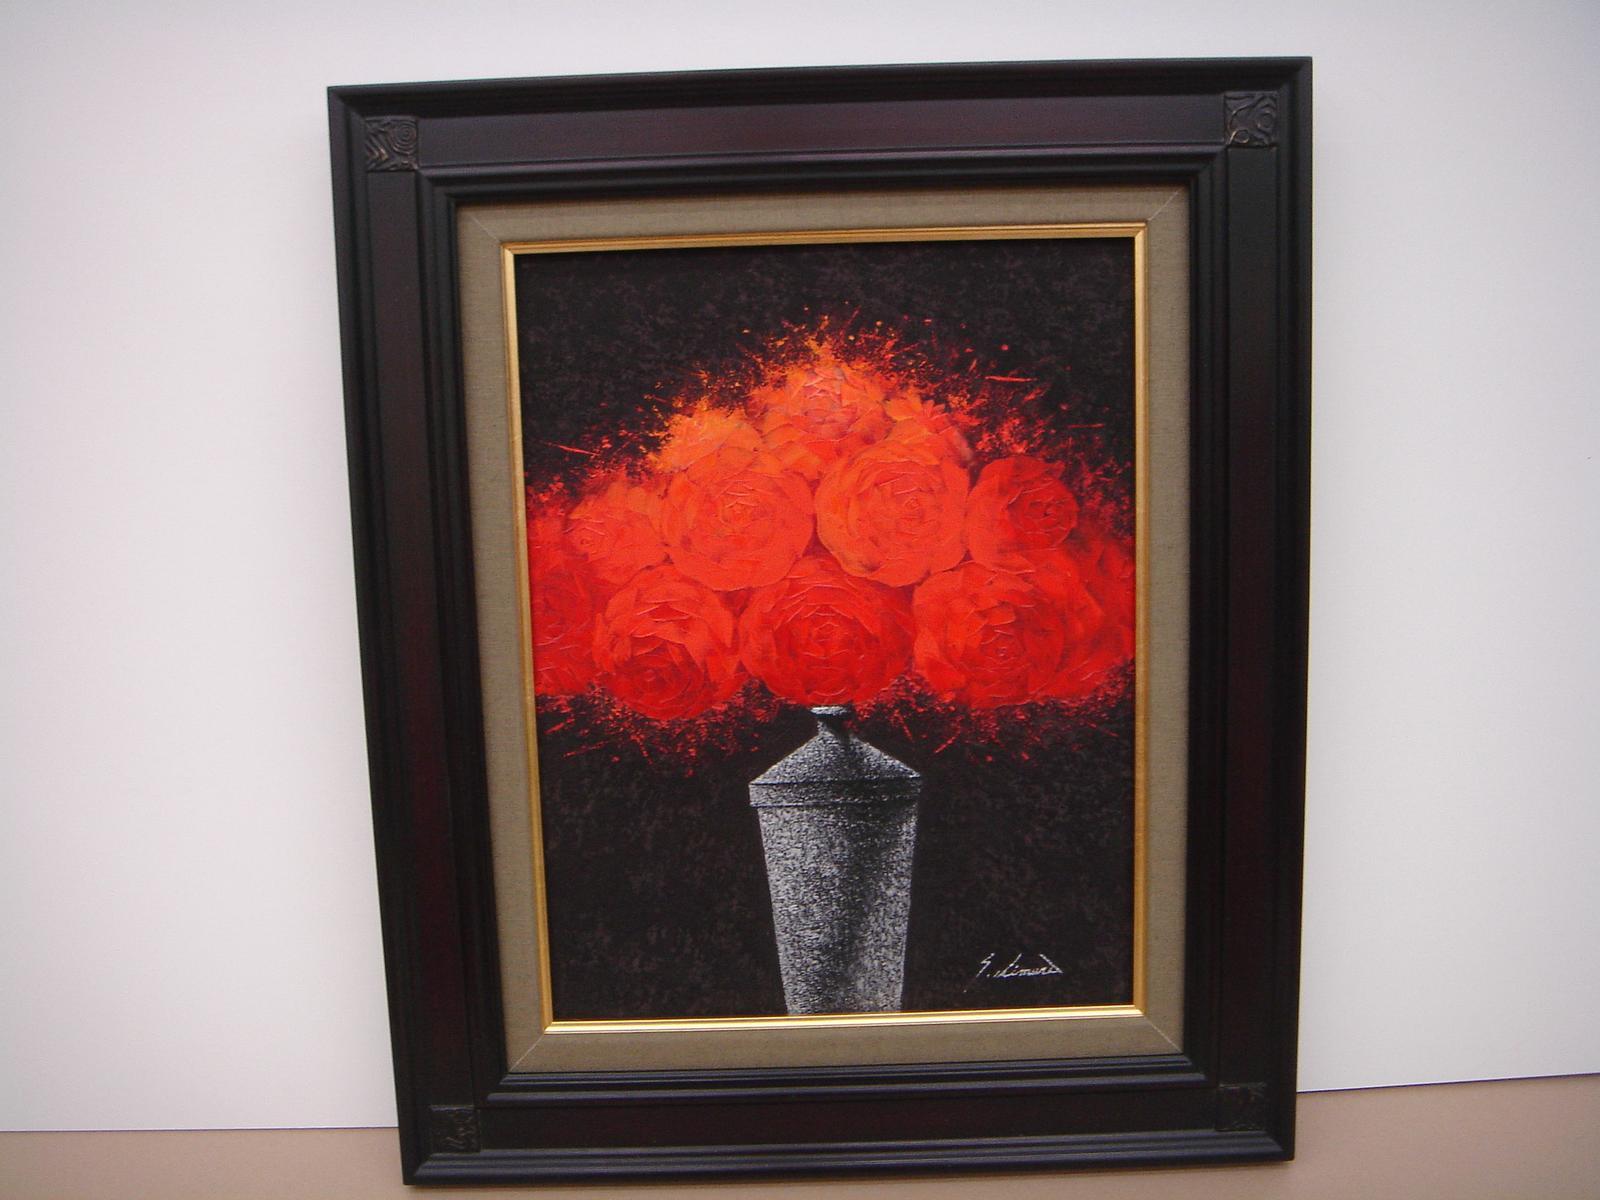 絵画 油絵 油絵額 花の絵 赤いバラの絵 F6